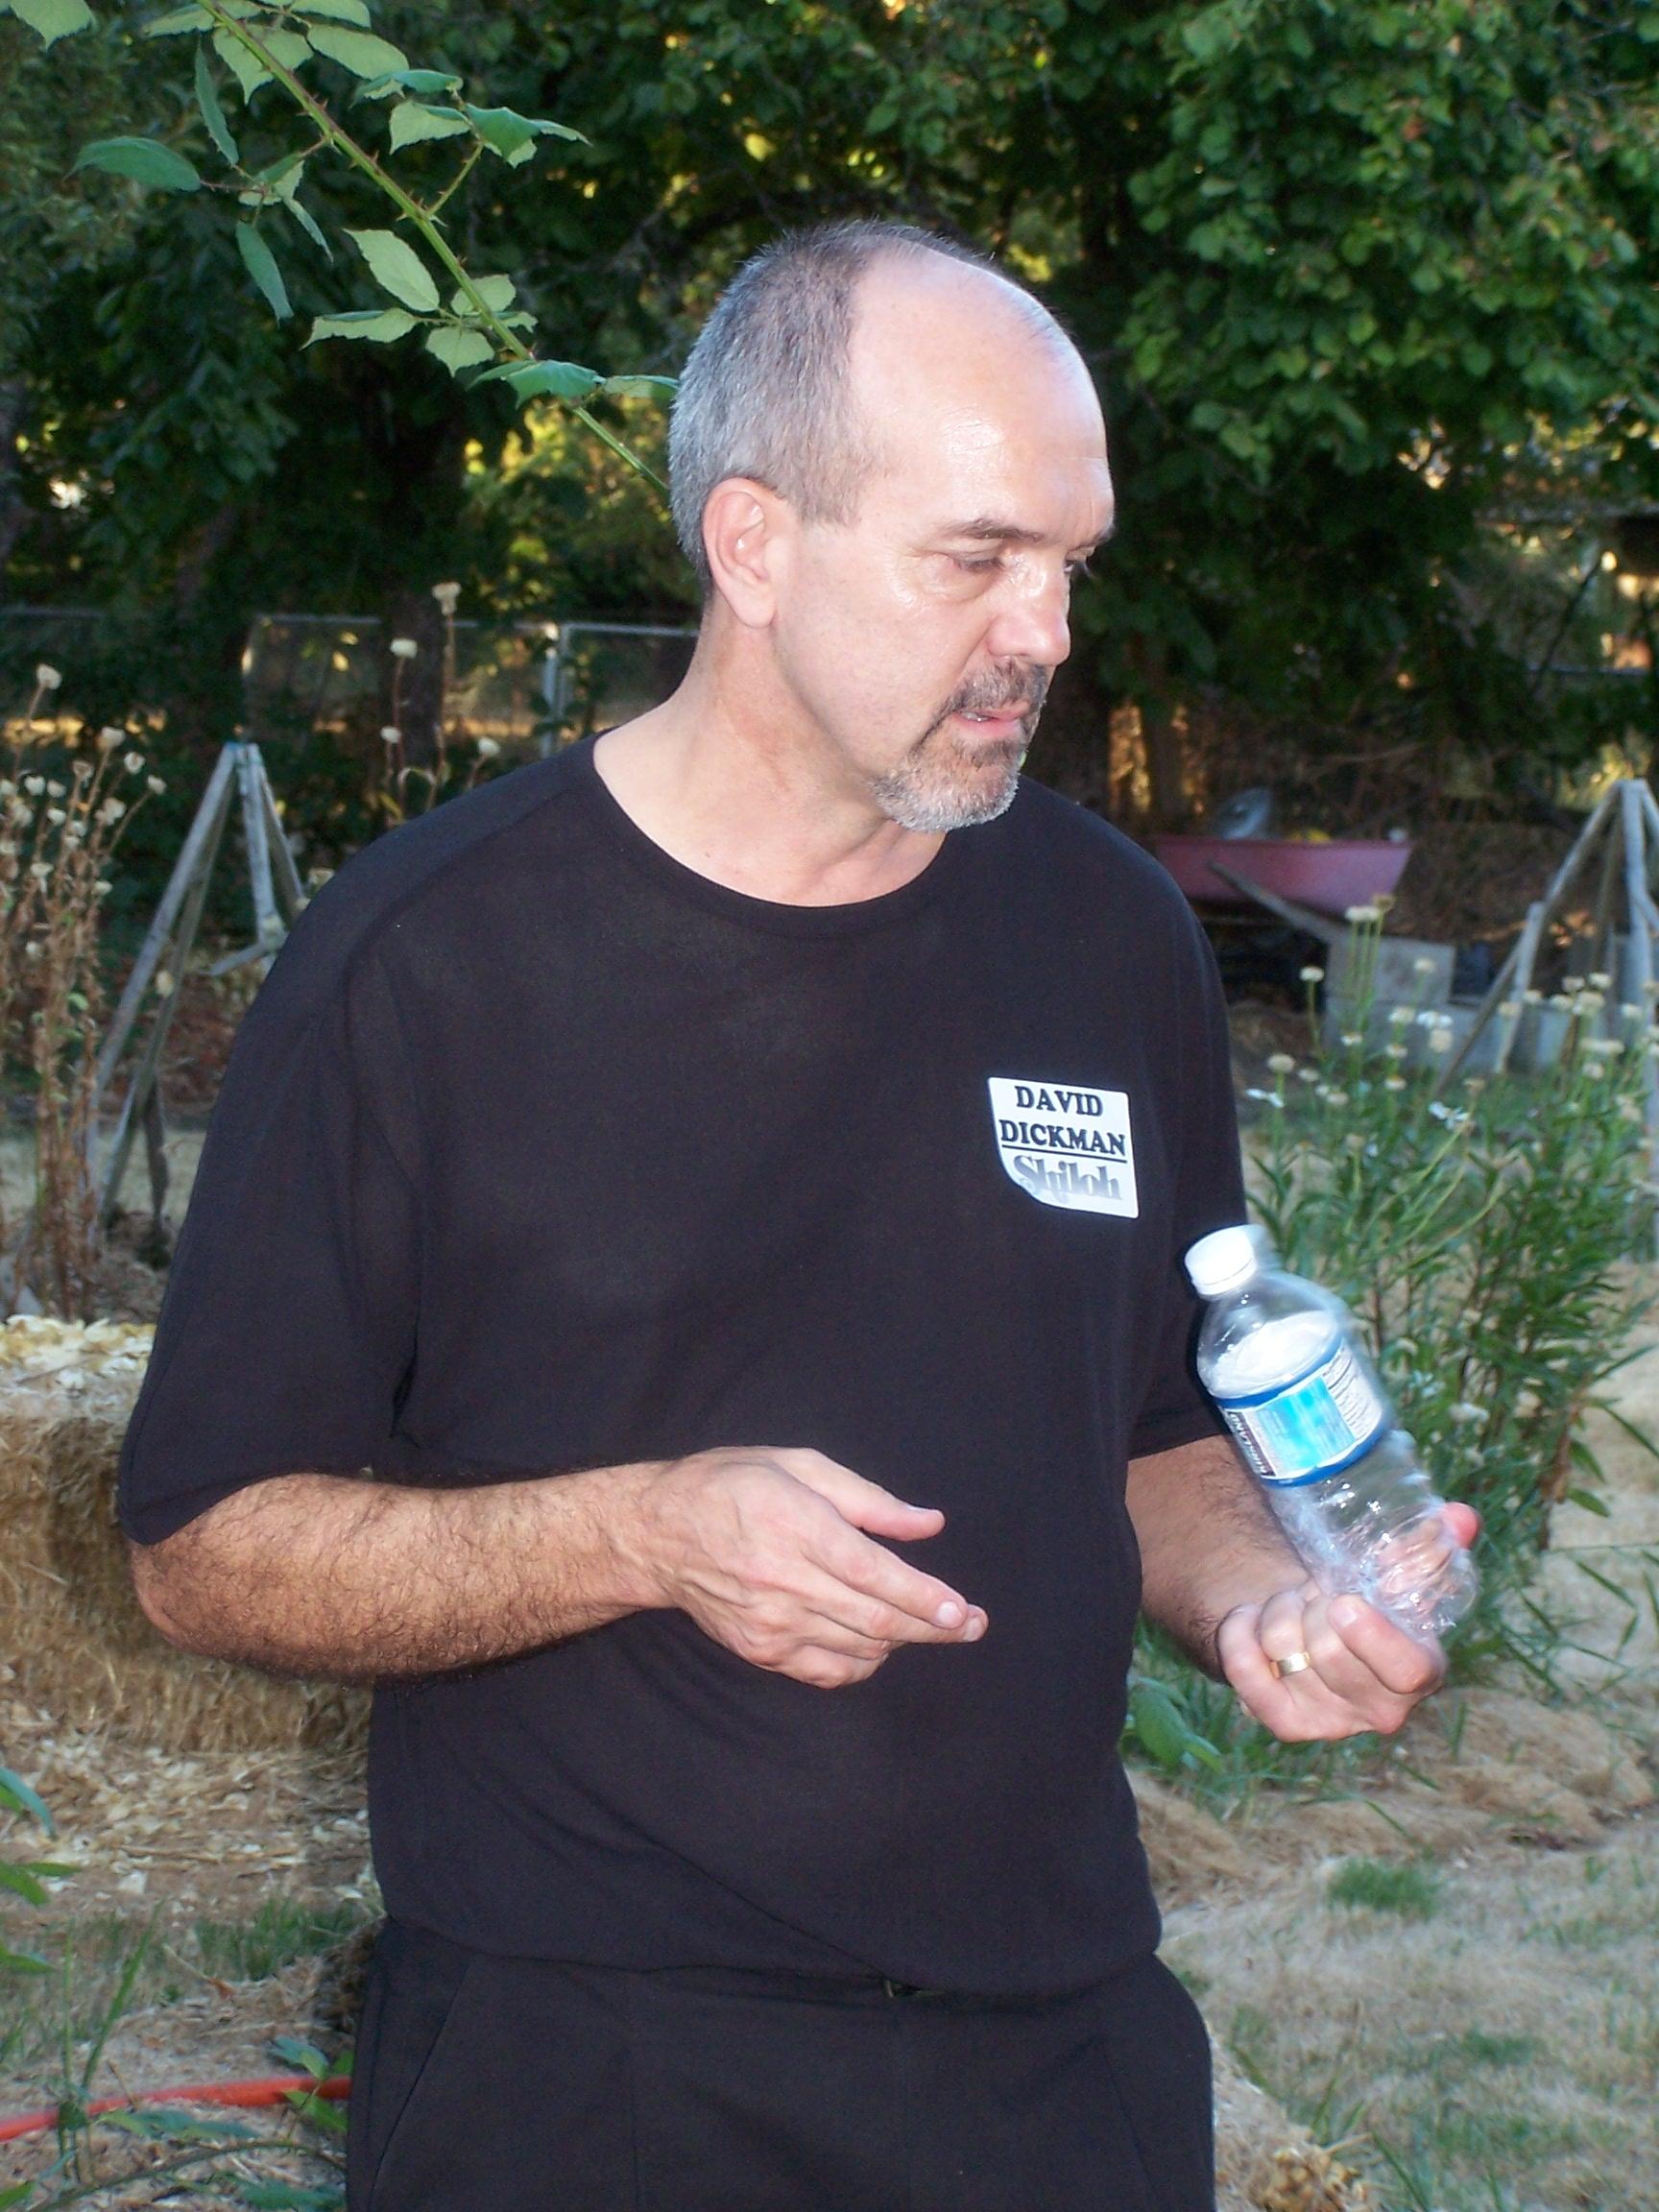 David Dickman